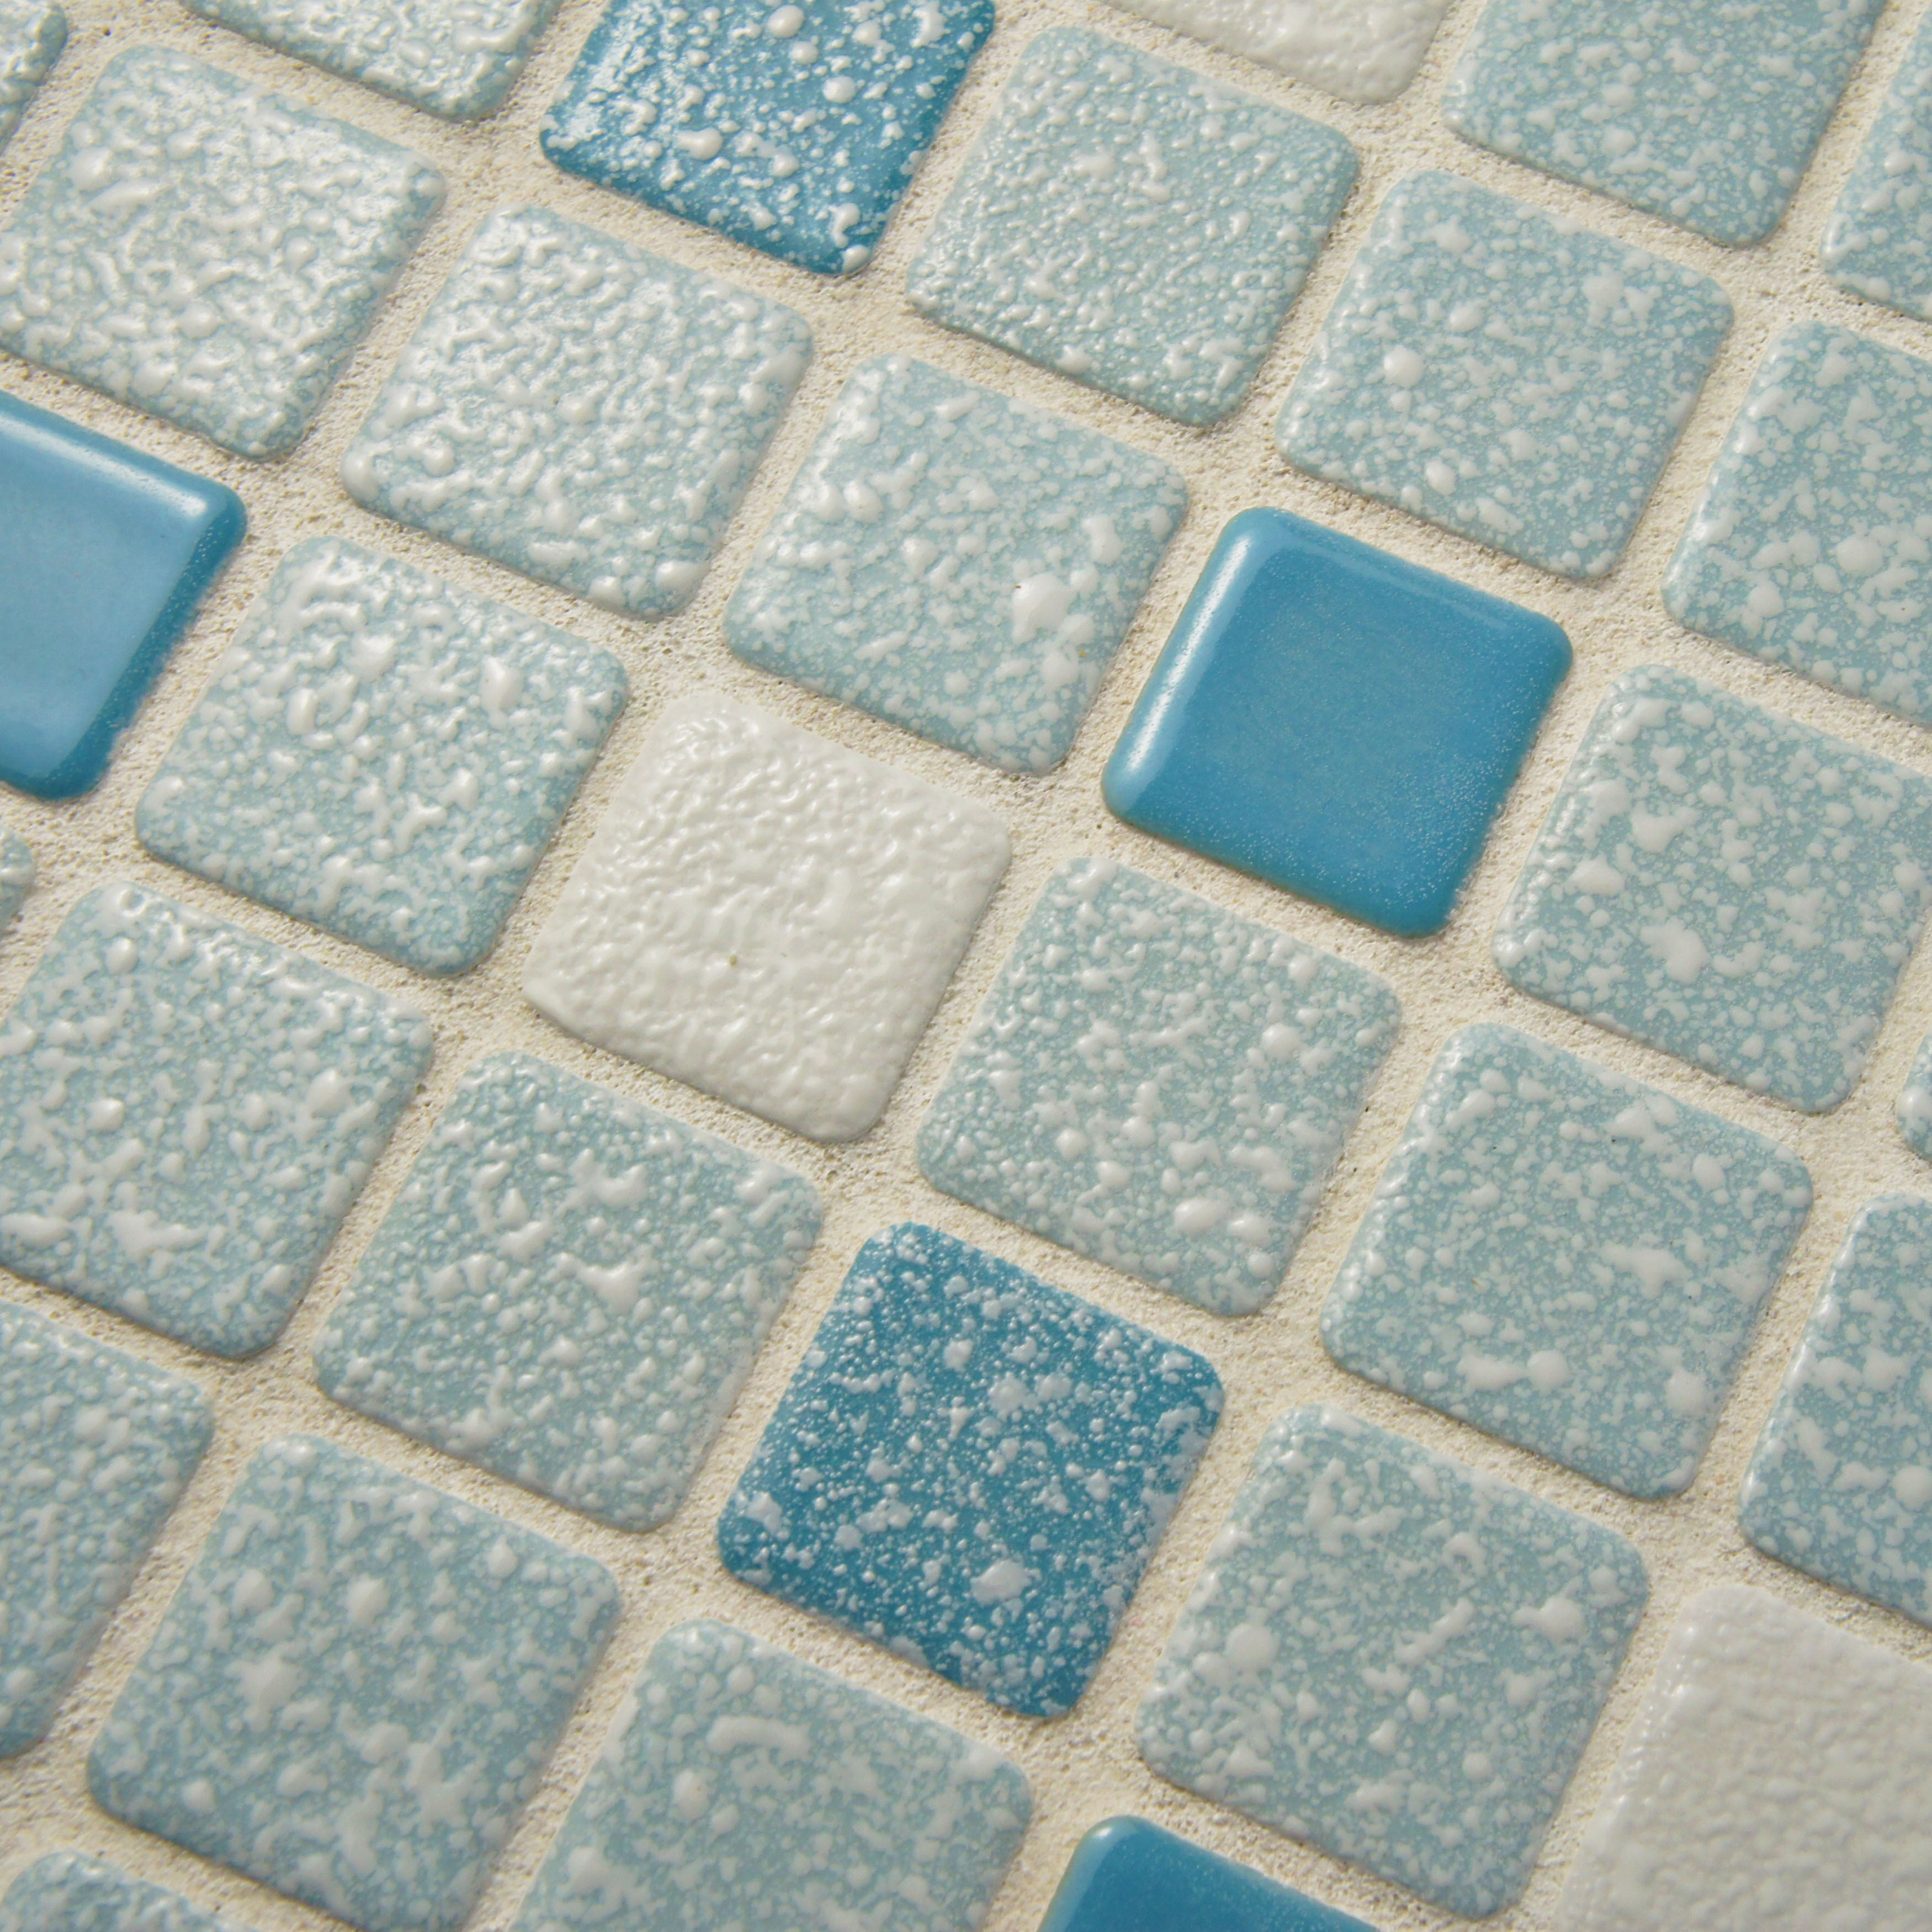 Shop SomerTile 11.75x11.75-inch Scholar Square Blue Porcelain Mosaic ...